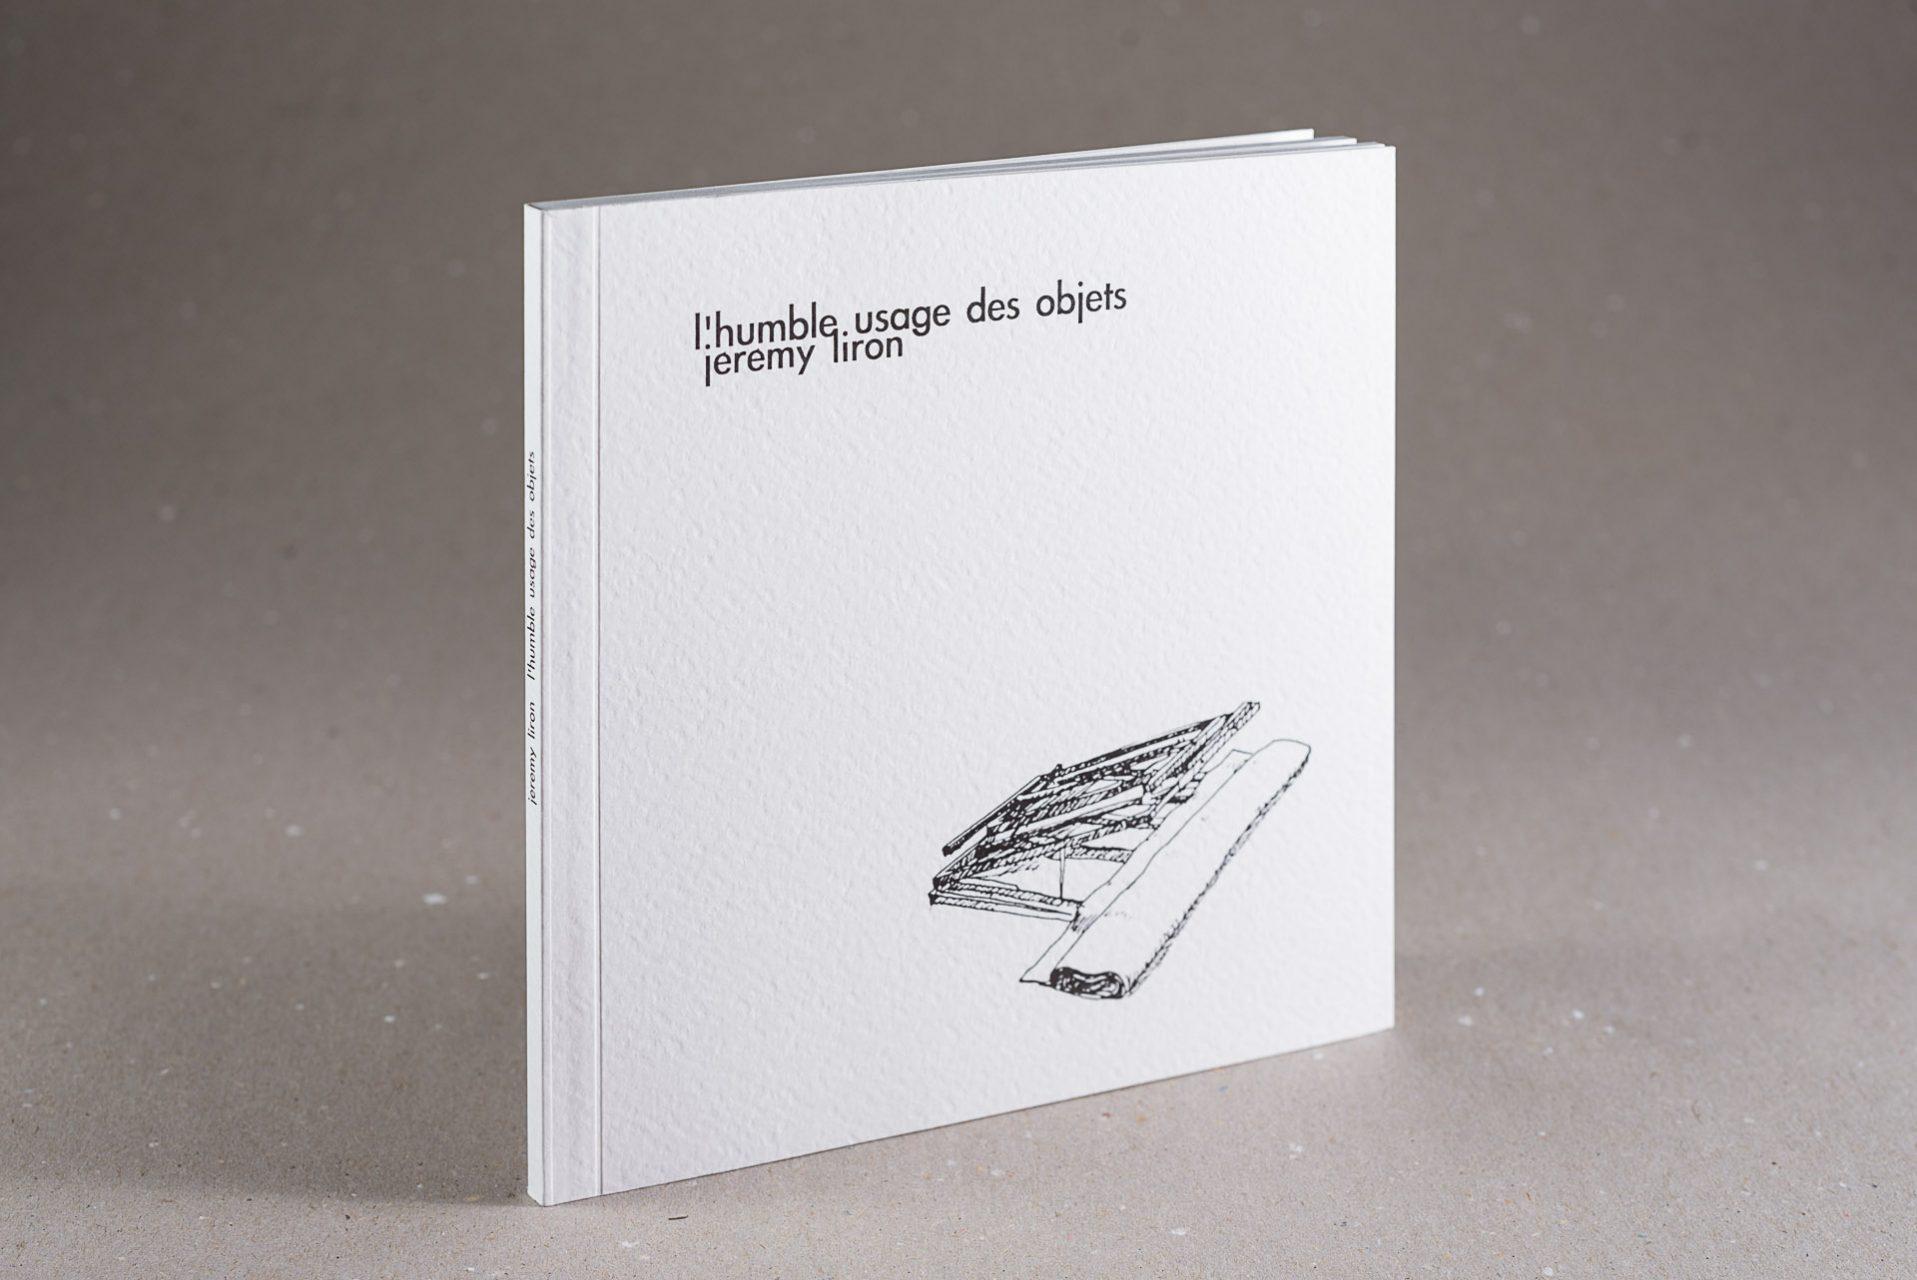 web-hd-nuit-myrtide-livre-l-humble-usage-des-objets-jeremy-liron-01